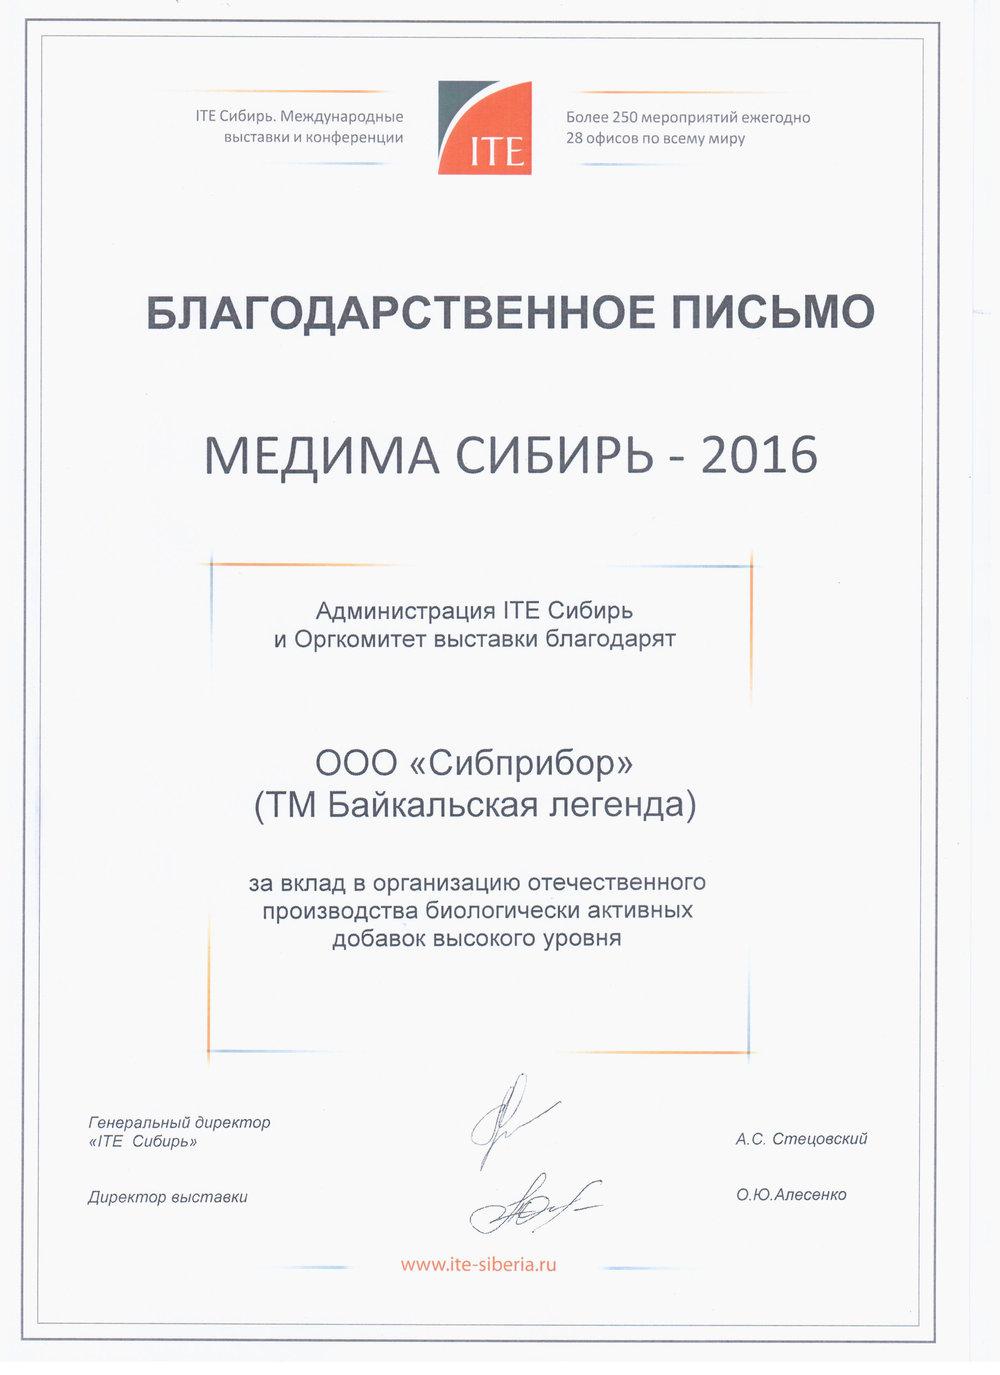 БП Медима Сибирь 2016.jpg